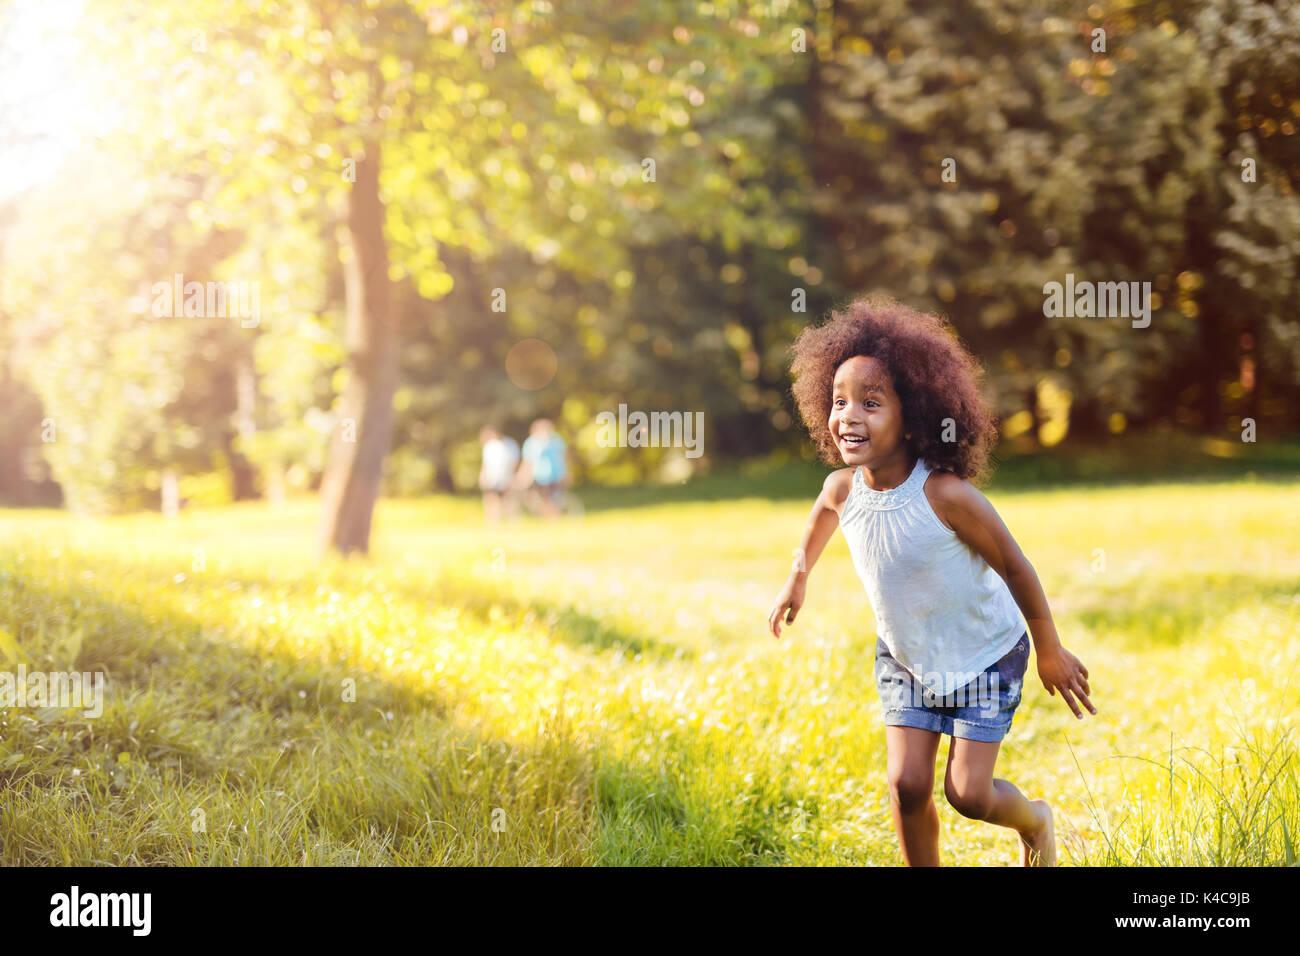 Portrait von glücklichen kleinen Mädchen laufen auf Gras Land Stockbild